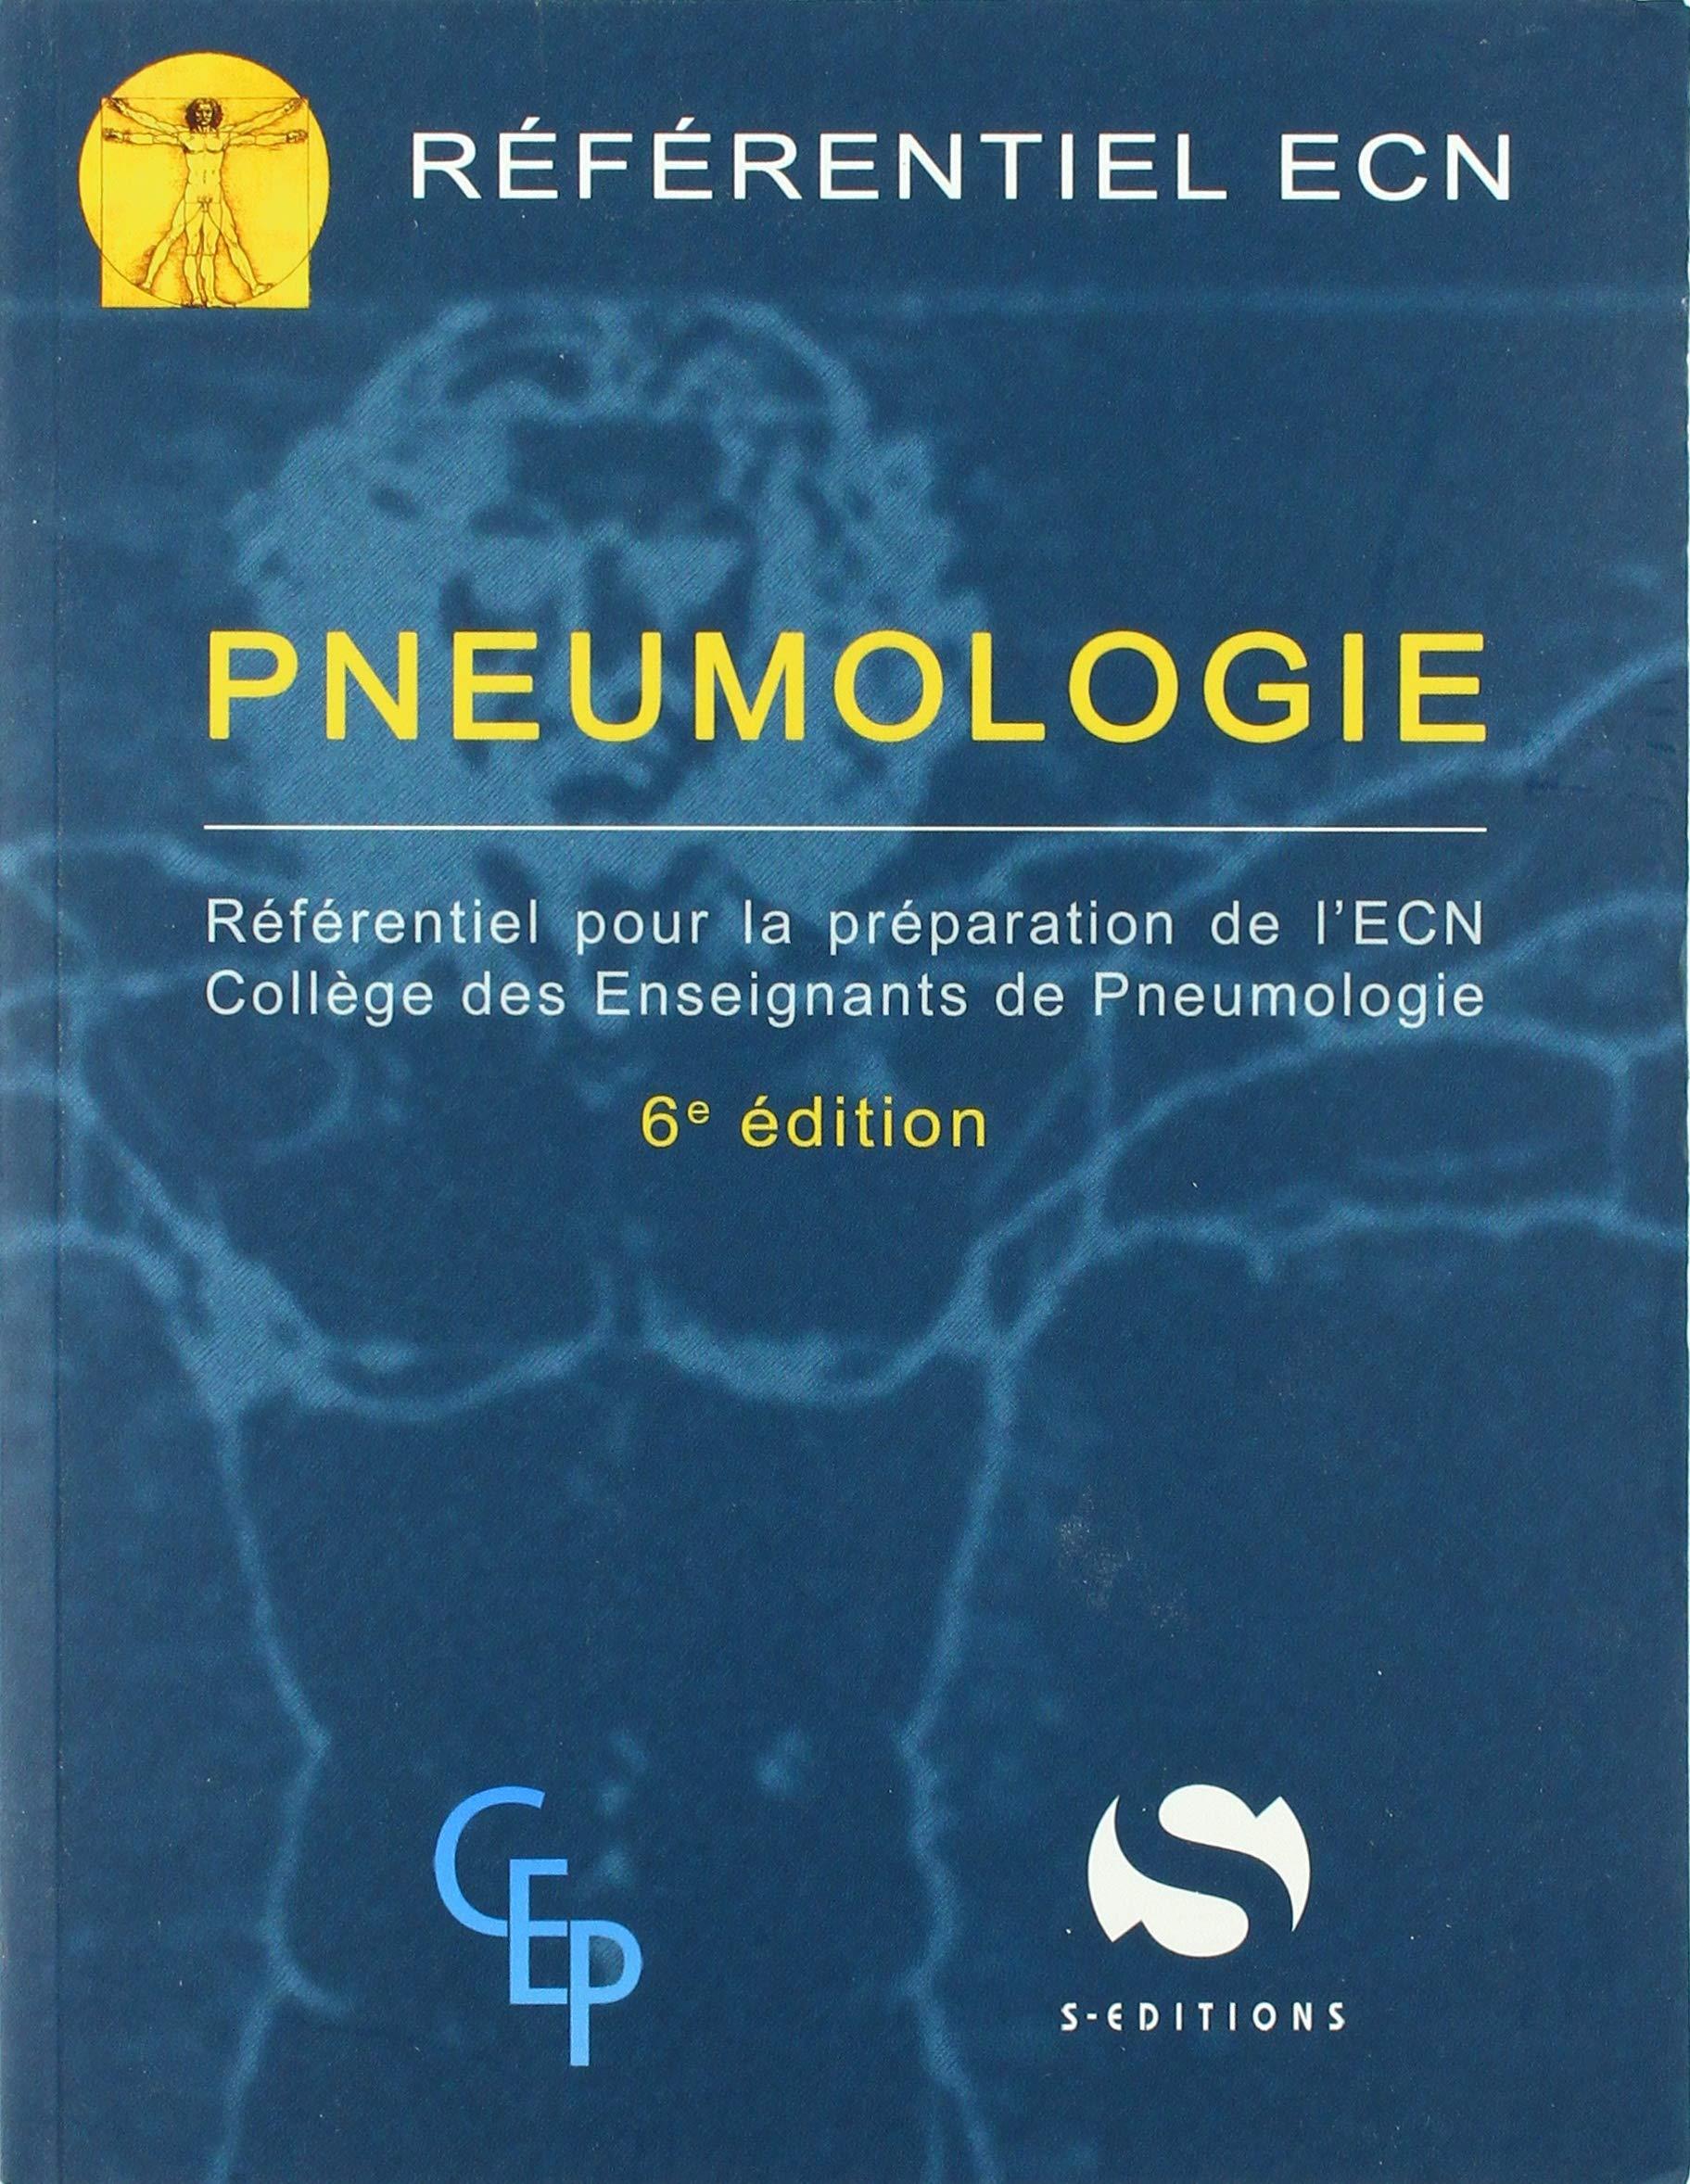 Amazon Fr Pneumologie Referentiel Pour La Preparation De L Ecn Collectif Marquette Charles Hugo Livres